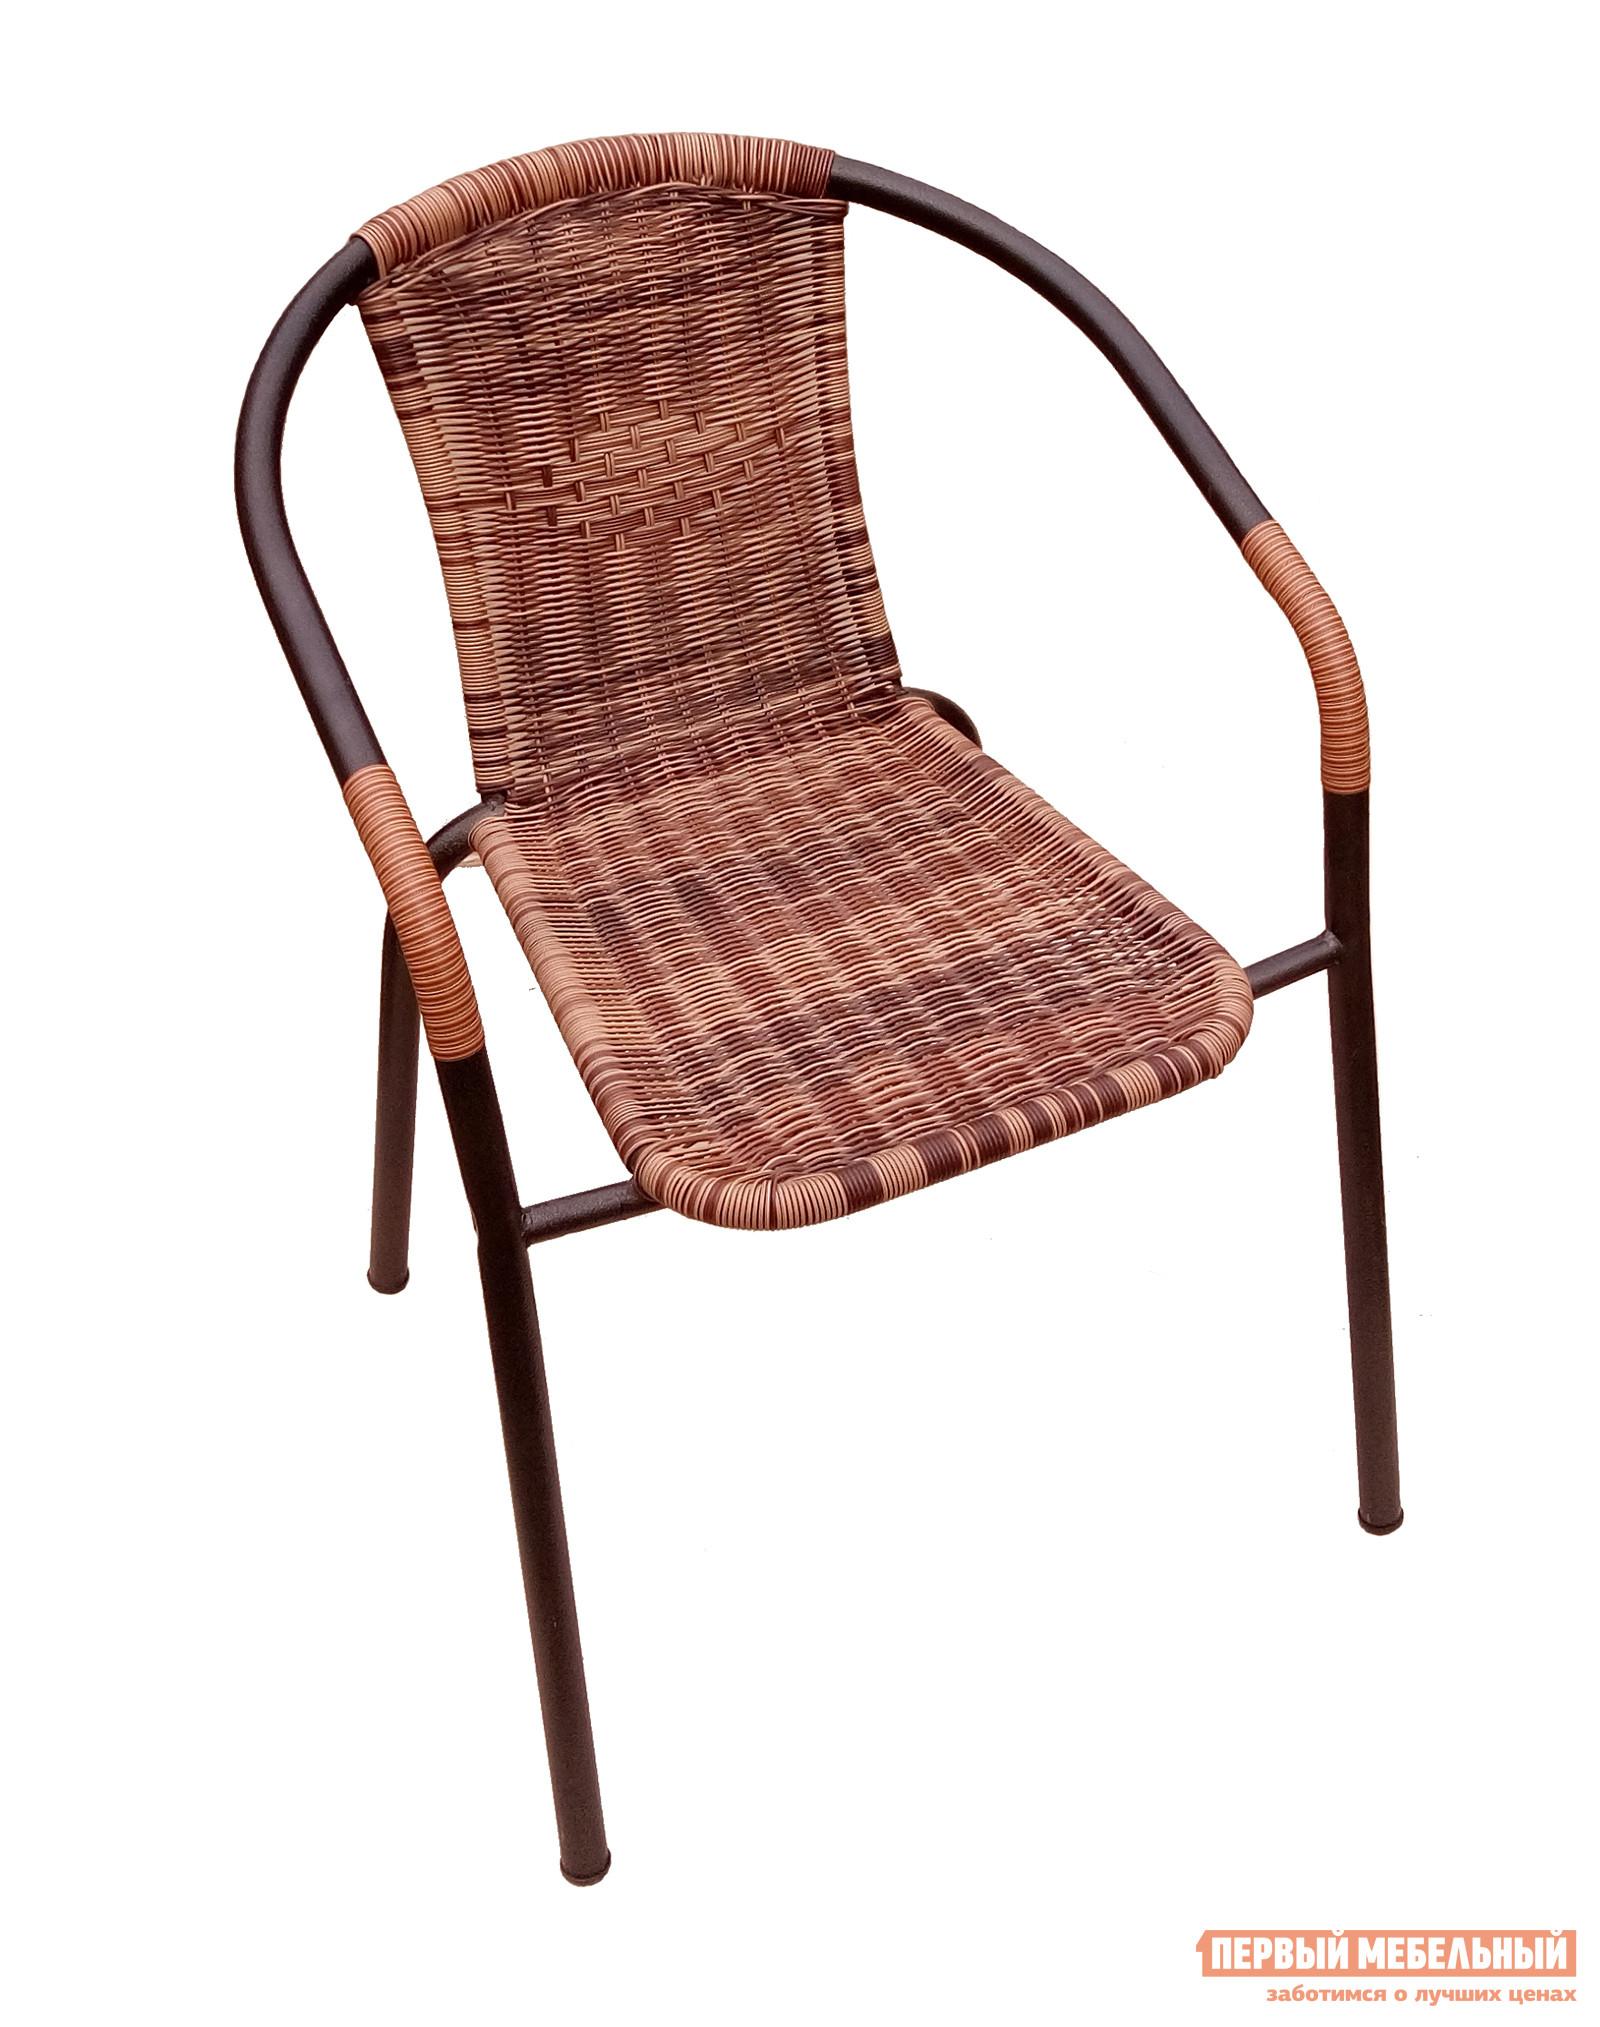 Плетеное кресло Дачная Мебель Кресло Ротанг Ротанг XH от Купистол